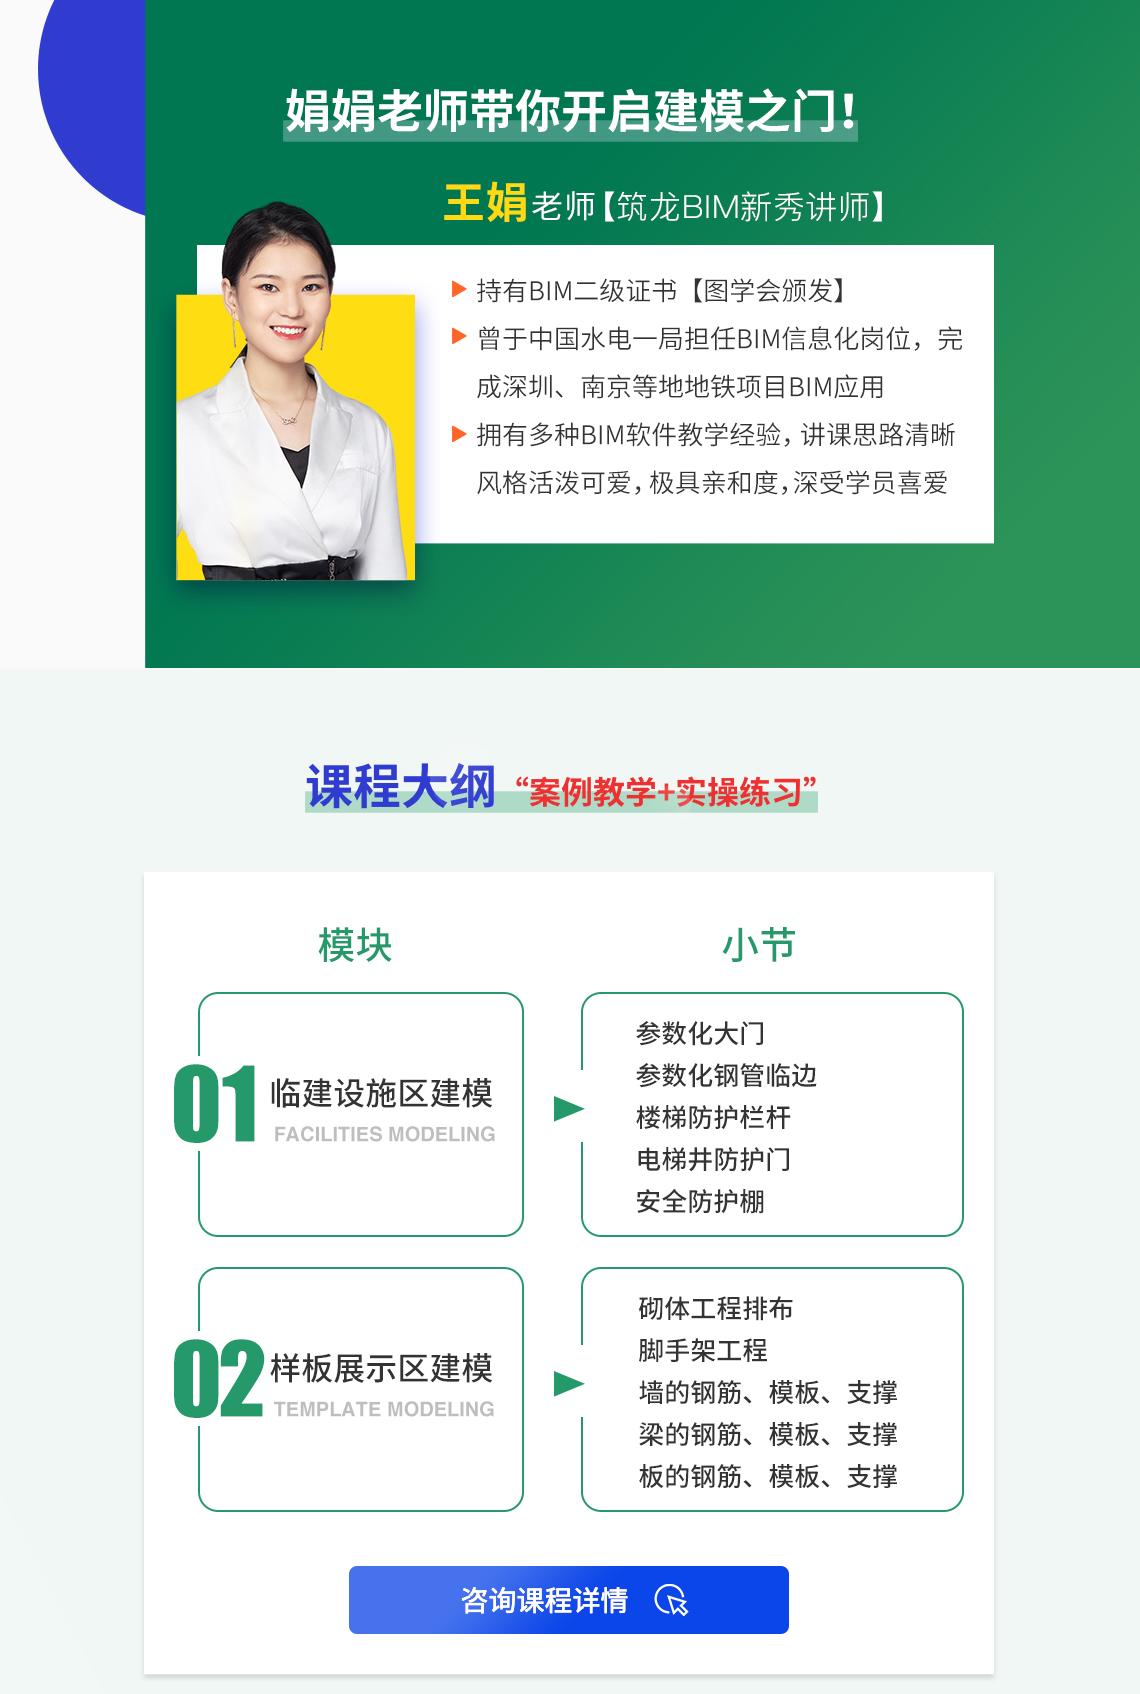 王娟(筑龙BIM新秀讲师) 持有BIM二级证书(图学会) 曾于中国水电一局担任BIM信息化岗位,完成深圳、南京等地地铁项目BIM应用。 拥有多种BIM软件教学经验,讲课思路清晰、风格活泼可爱,极具亲和度,深受学员喜爱。